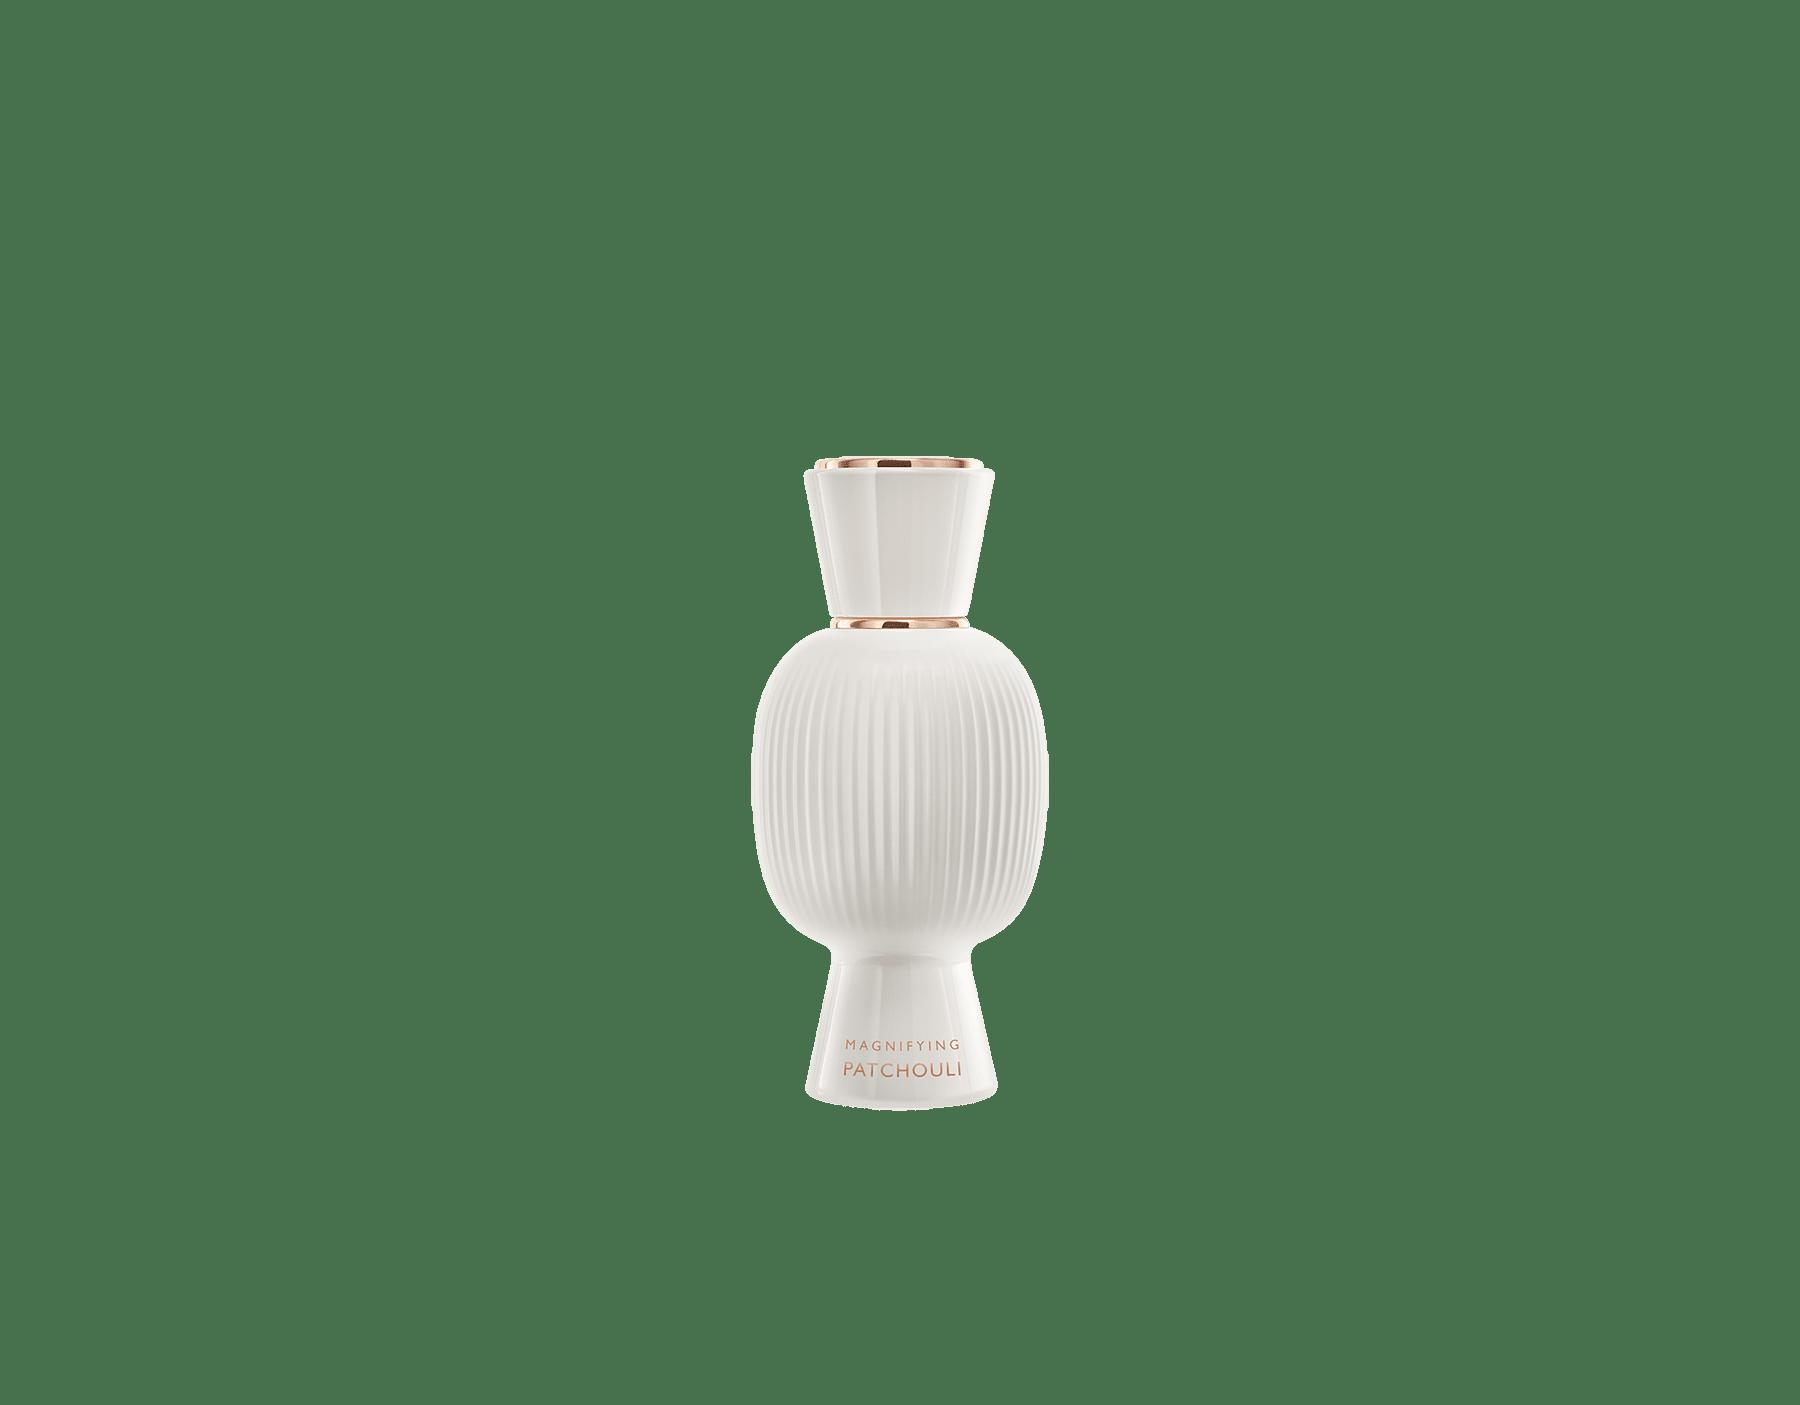 La atrevida esencia Magnifying Patchouli añade una atractiva faceta amaderada a su Eau de Parfum. #MagnifyForMore Pasión 41281 image 6